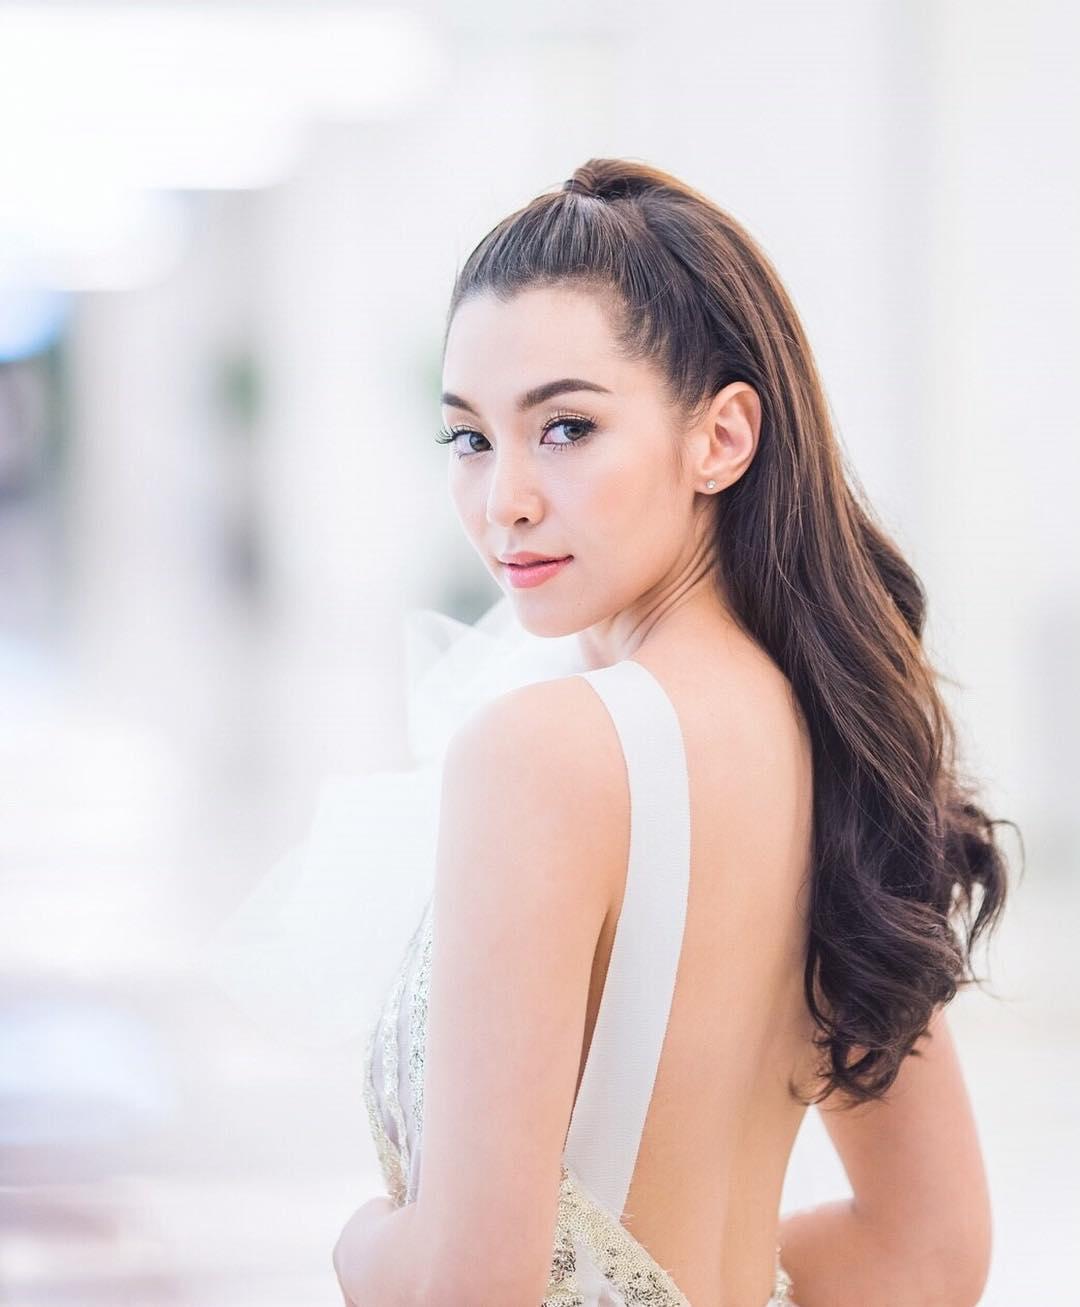 Đọ mặt mộc 100% của loạt mỹ nhân hàng đầu showbiz Thái: Có khi còn đẹp hơn cả trang điểm - Ảnh 15.